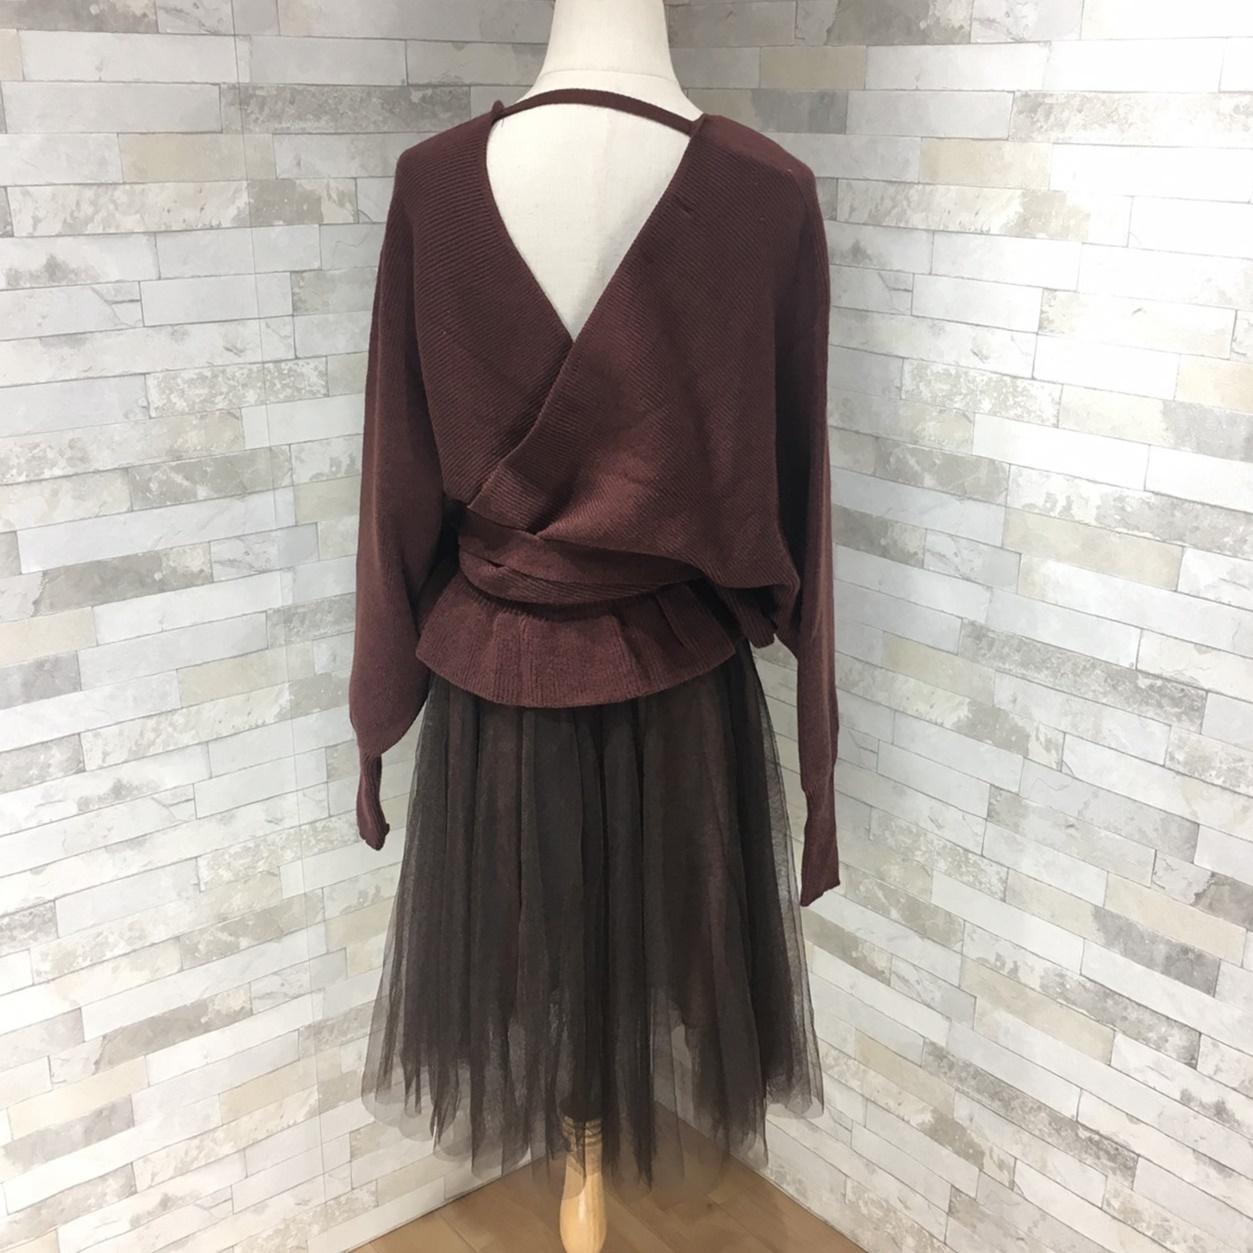 韓国 ファッション セットアップ 秋 冬 春 カジュアル PTXG298  ペプラム ゆったり リブ チュールスカート オルチャン シンプル 定番 セレカジの写真6枚目